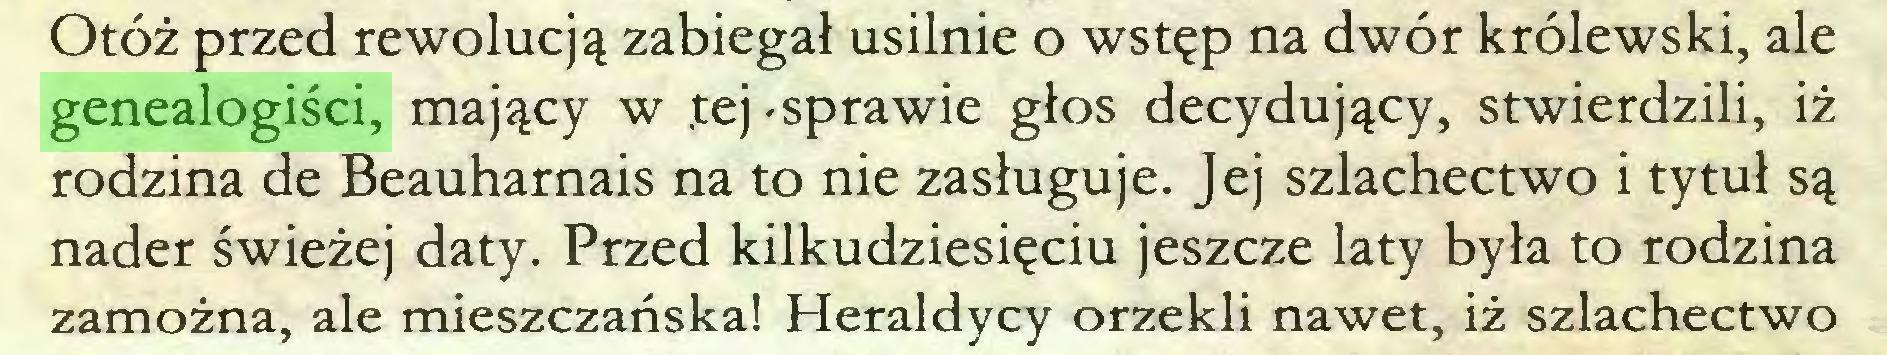 (...) Otóż przed rewolucją zabiegał usilnie o wstęp na dwór królewski, ale genealogiści, mający w .tej 'Sprawie głos decydujący, stwierdzili, iż rodzina de Beauharnais na to nie zasługuje. Jej szlachectwo i tytuł są nader świeżej daty. Przed kilkudziesięciu jeszcze laty była to rodzina zamożna, ale mieszczańska! Heraldycy orzekli nawet, iż szlachectwo...